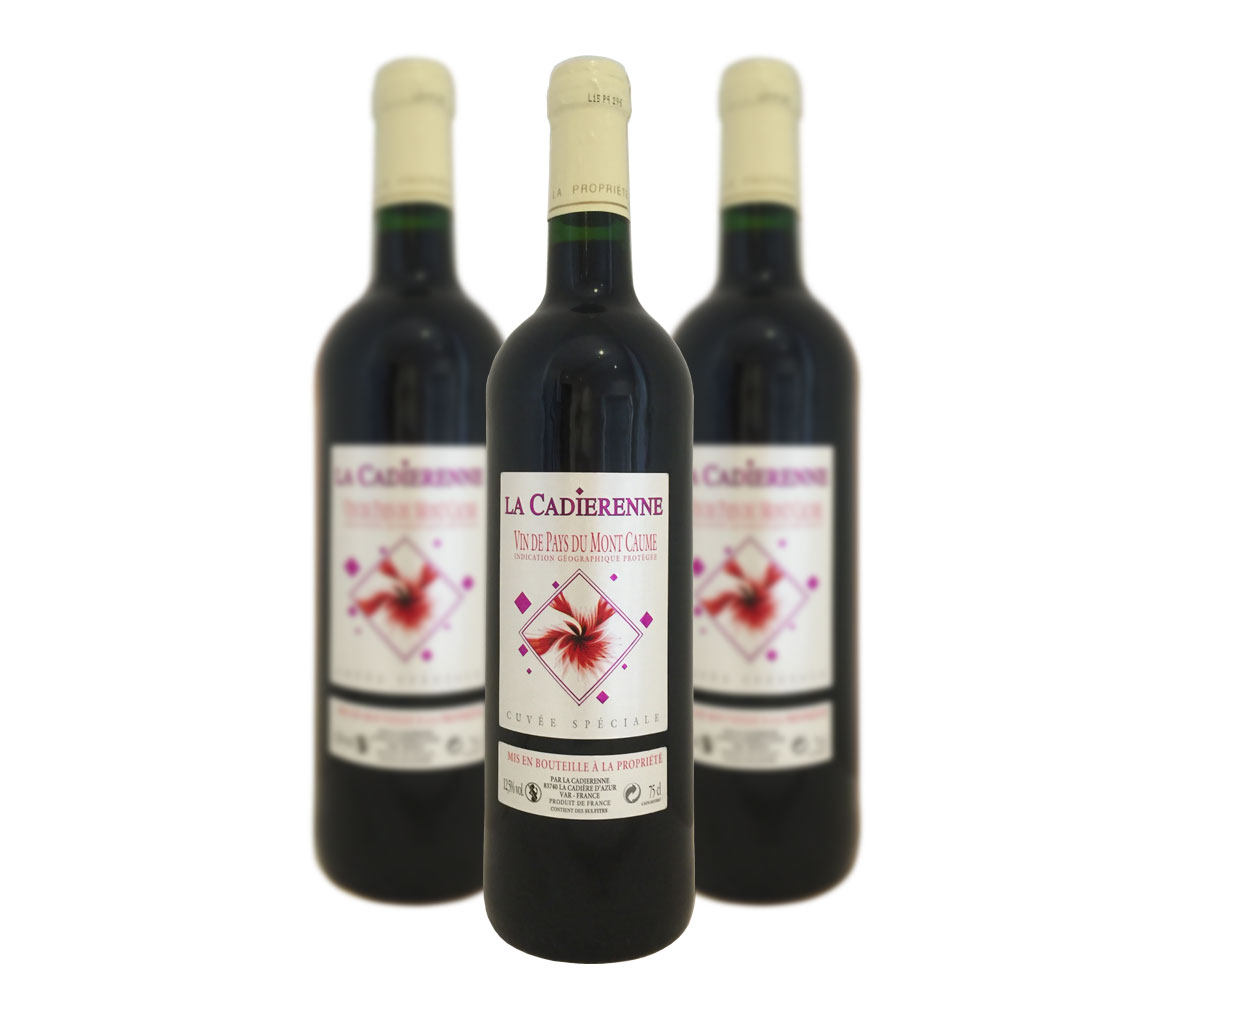 Vin de Pays Mont Caume Rouge La Cadiérenne